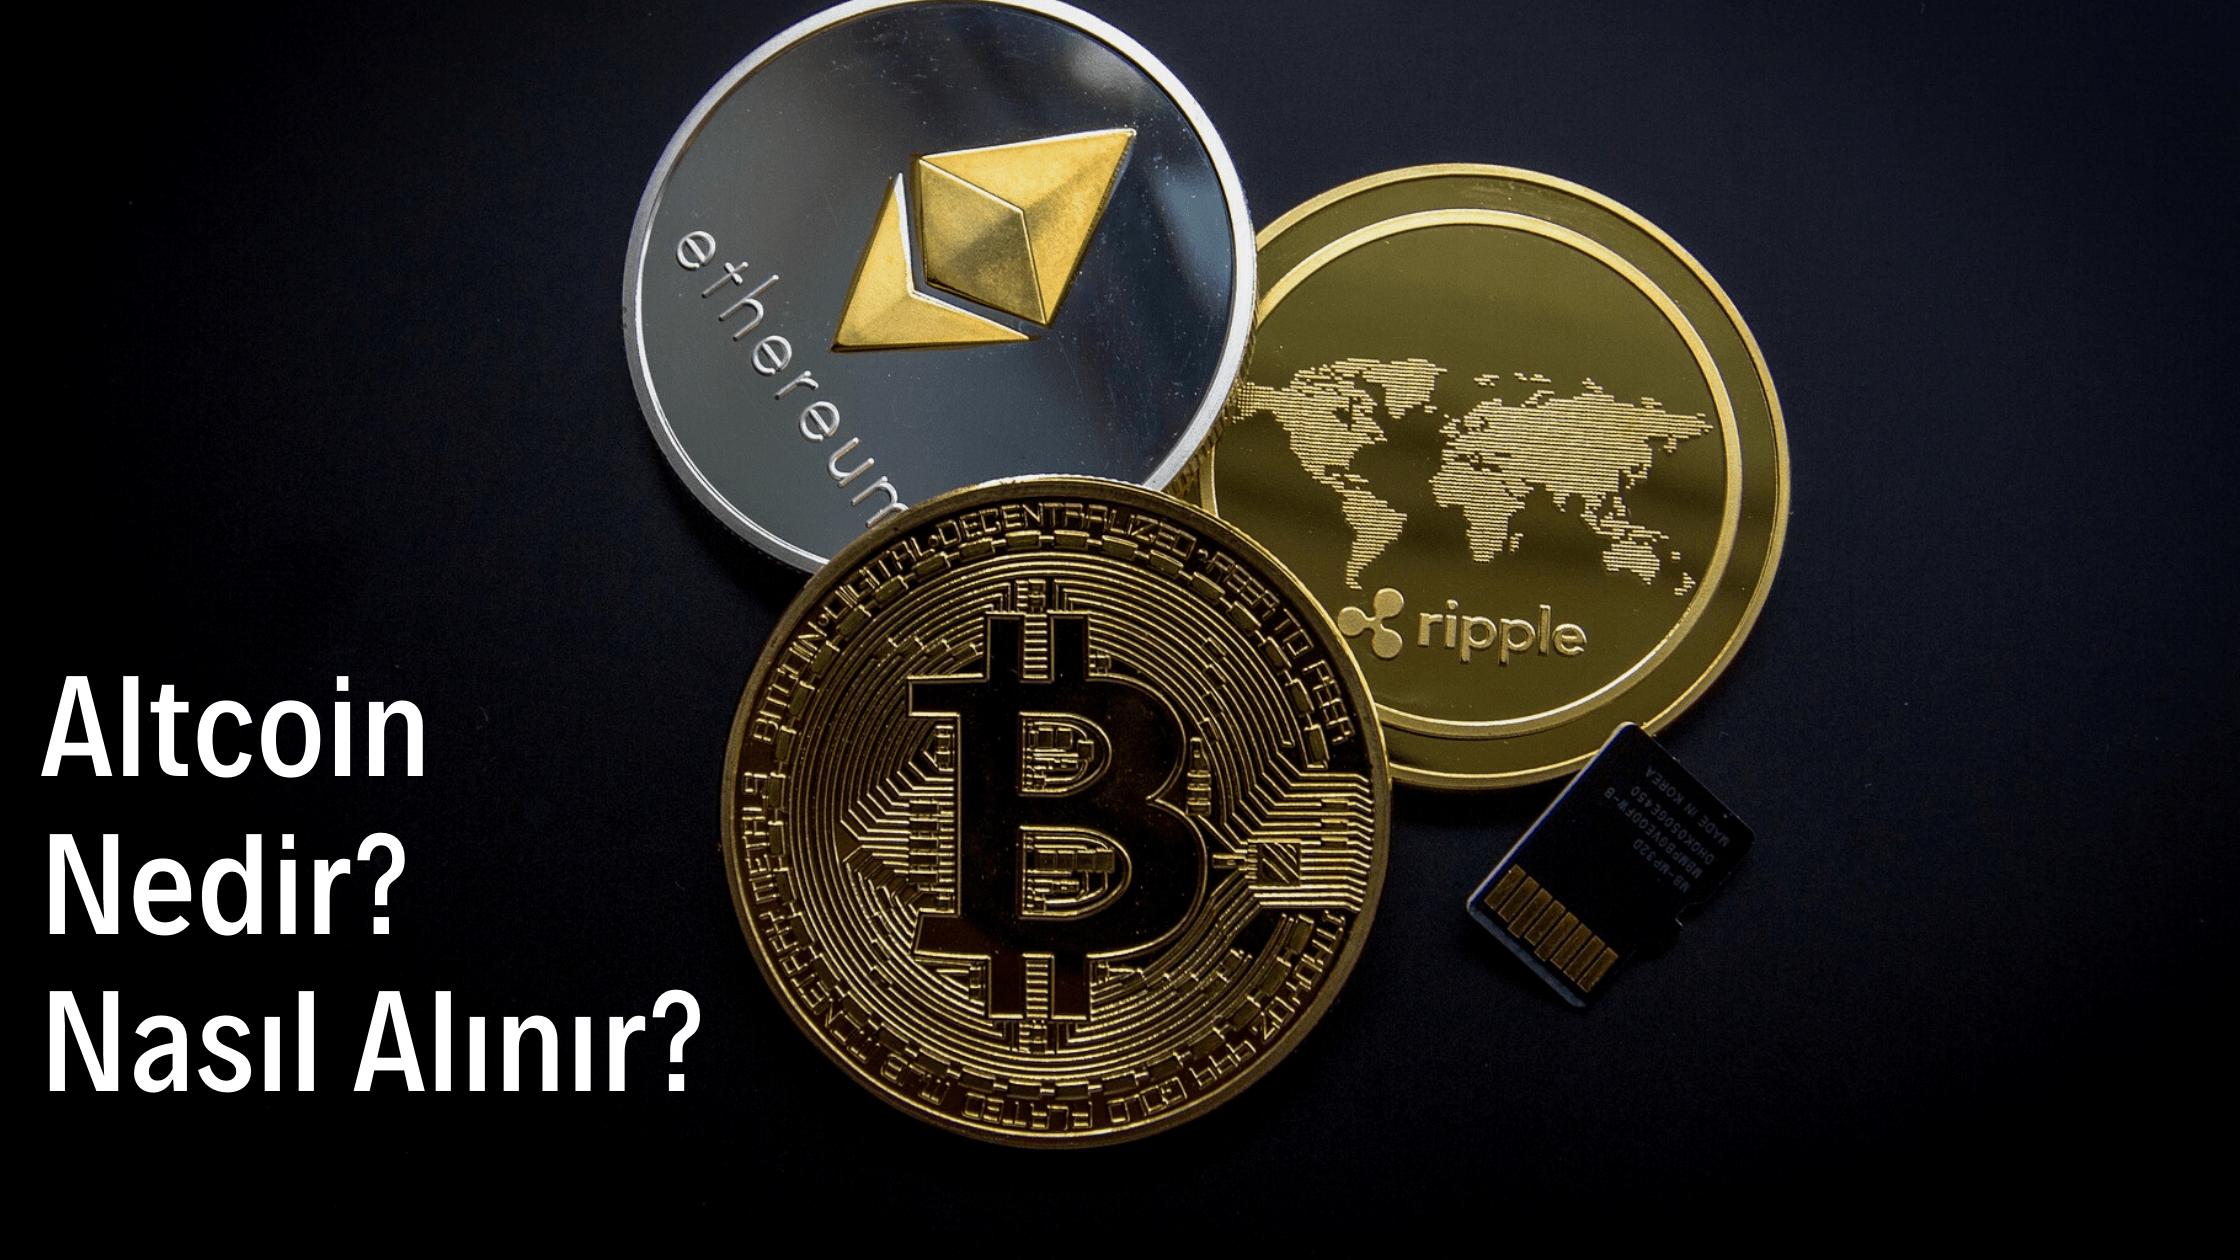 Altcoin Nedir? Nasıl Alınır?